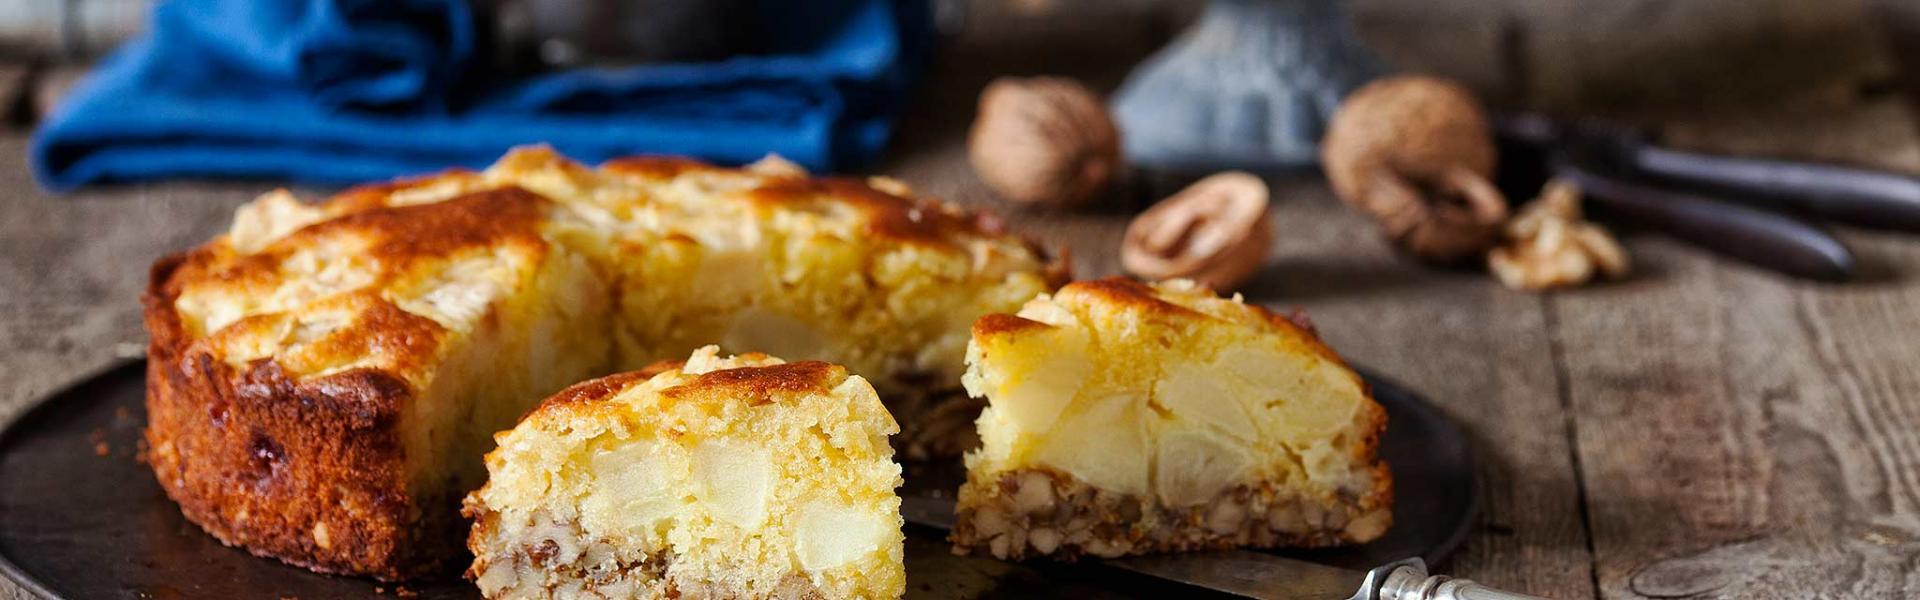 Apfel-Walnuss-Kuchen auf einer Kuchenplatte angeschnitten.